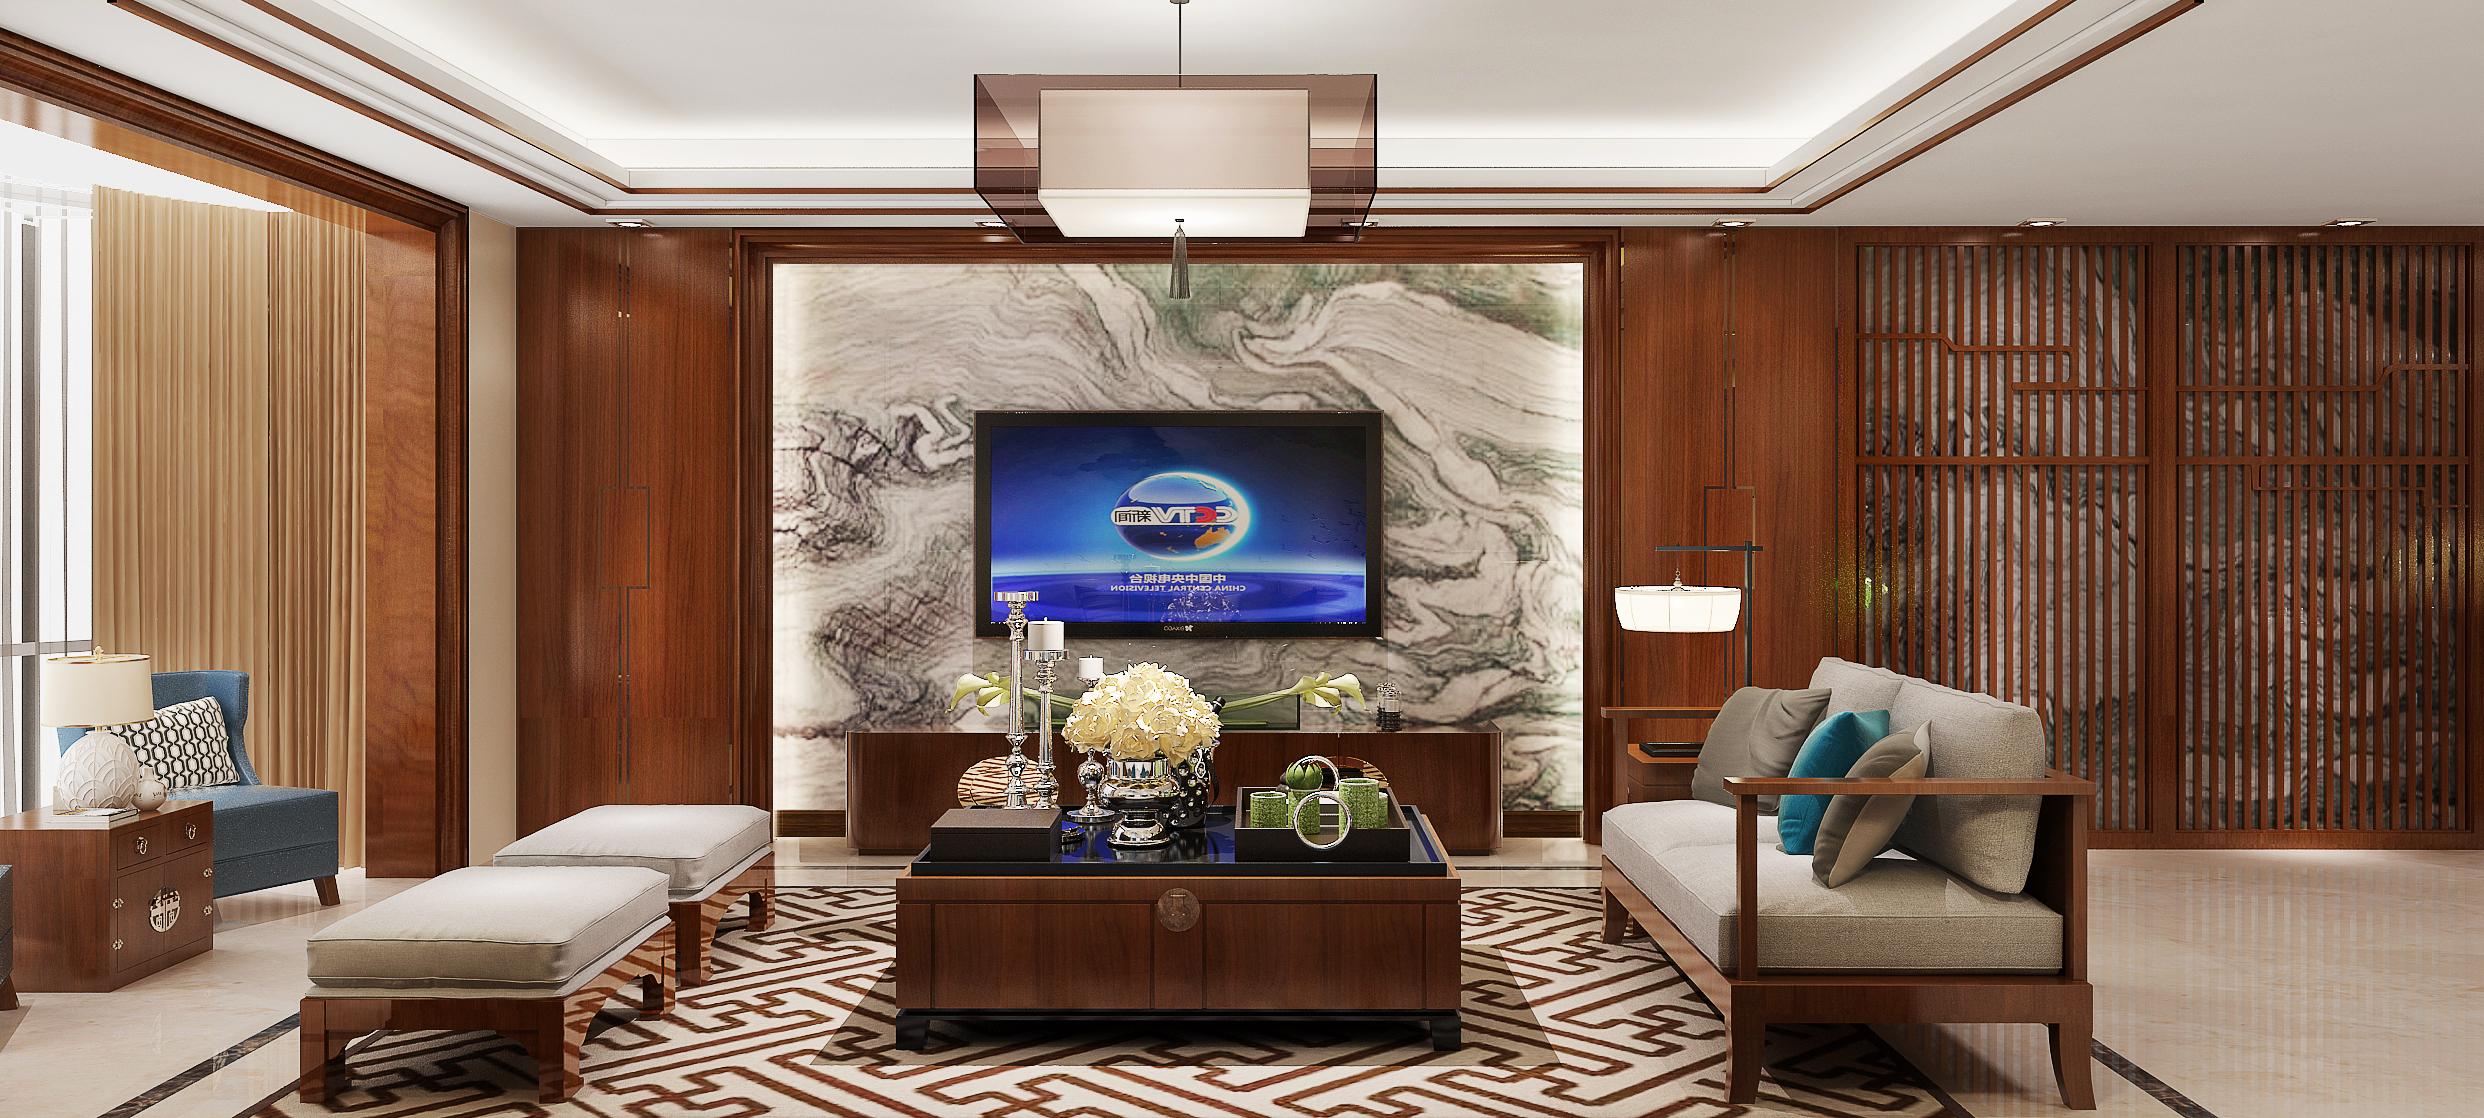 中式风格大户型电视背景墙装修效果图